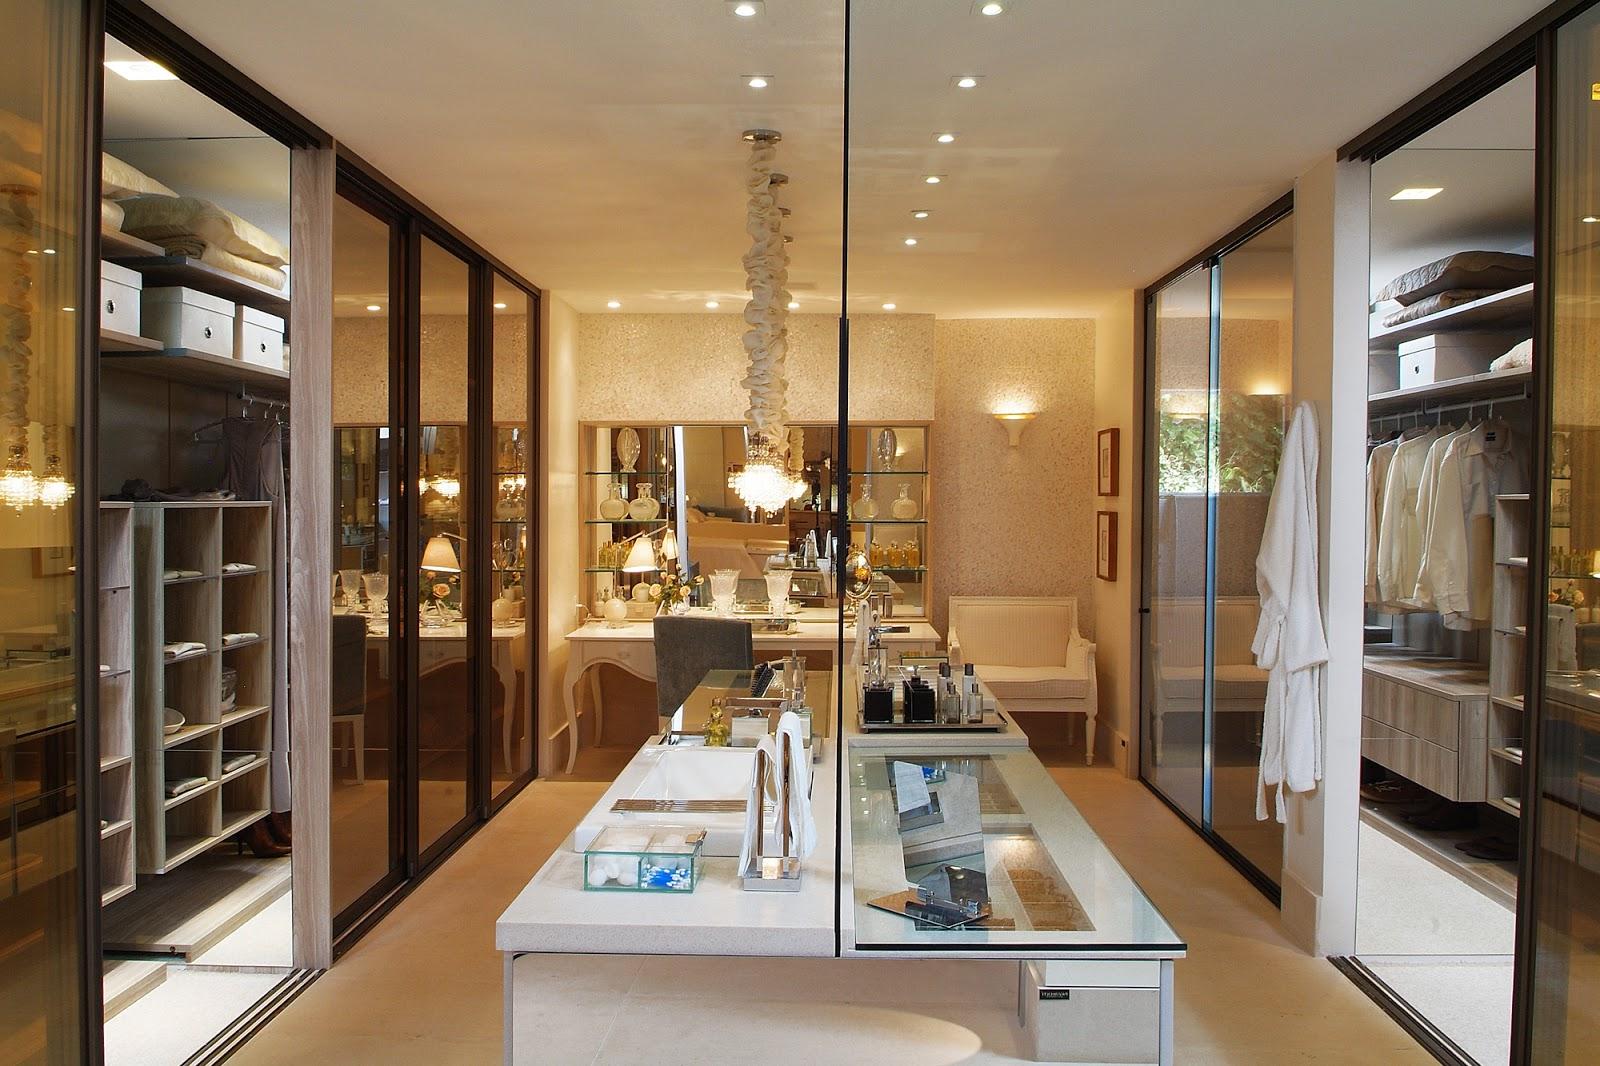 Imagens de #91703A Closets e banheiros integrados maravilhosos confira essa tendência  1600x1066 px 3714 Banheiros Planejados Sofisticados